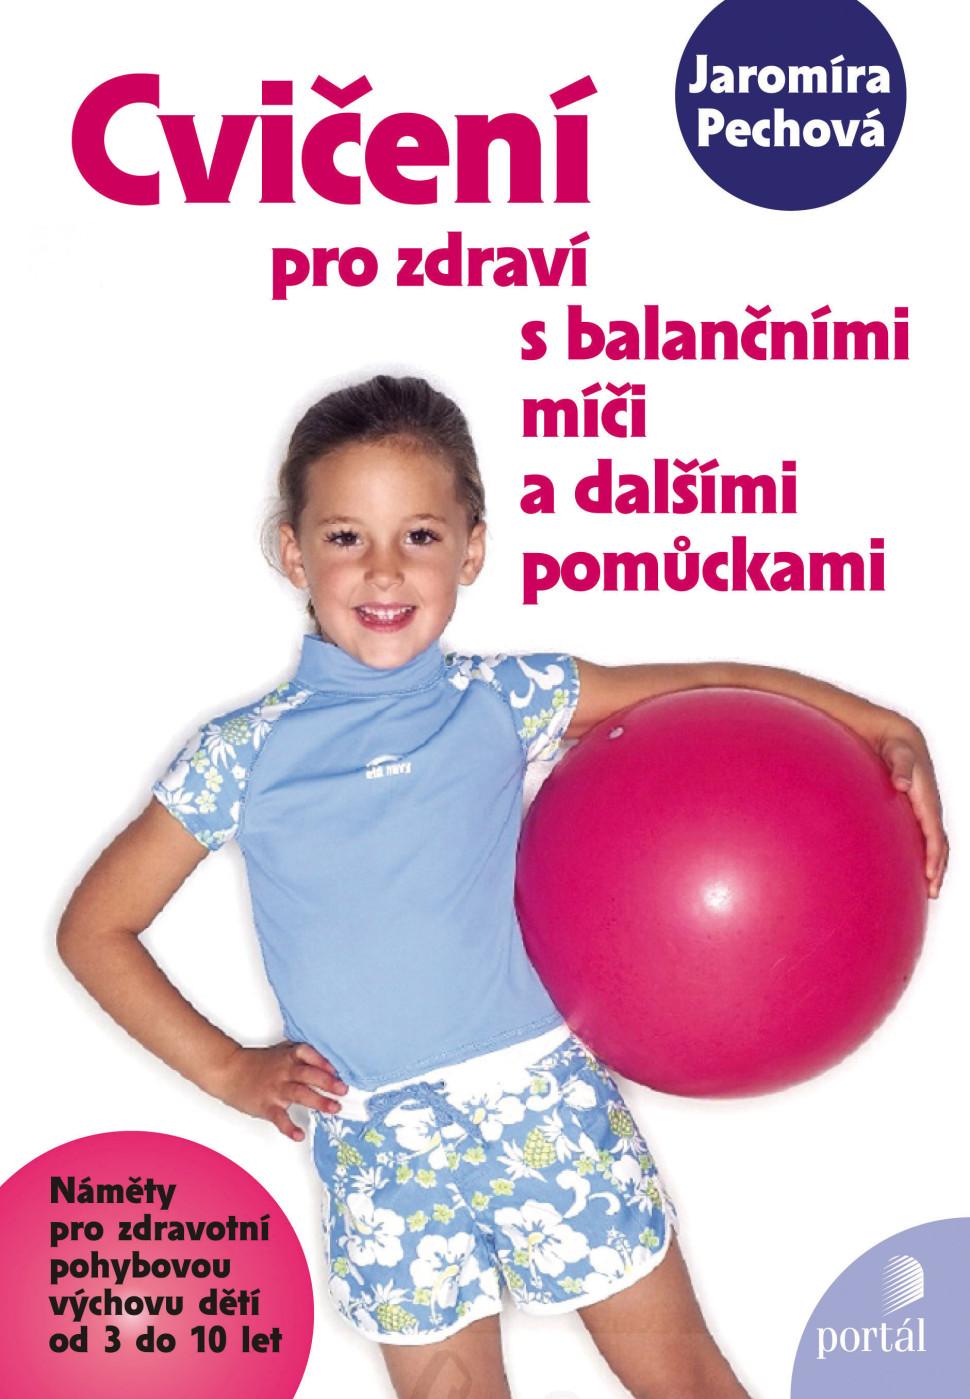 Cvičení sbalančními míči: Jaromíra Pechová - vyléčení situací dětí adospělých